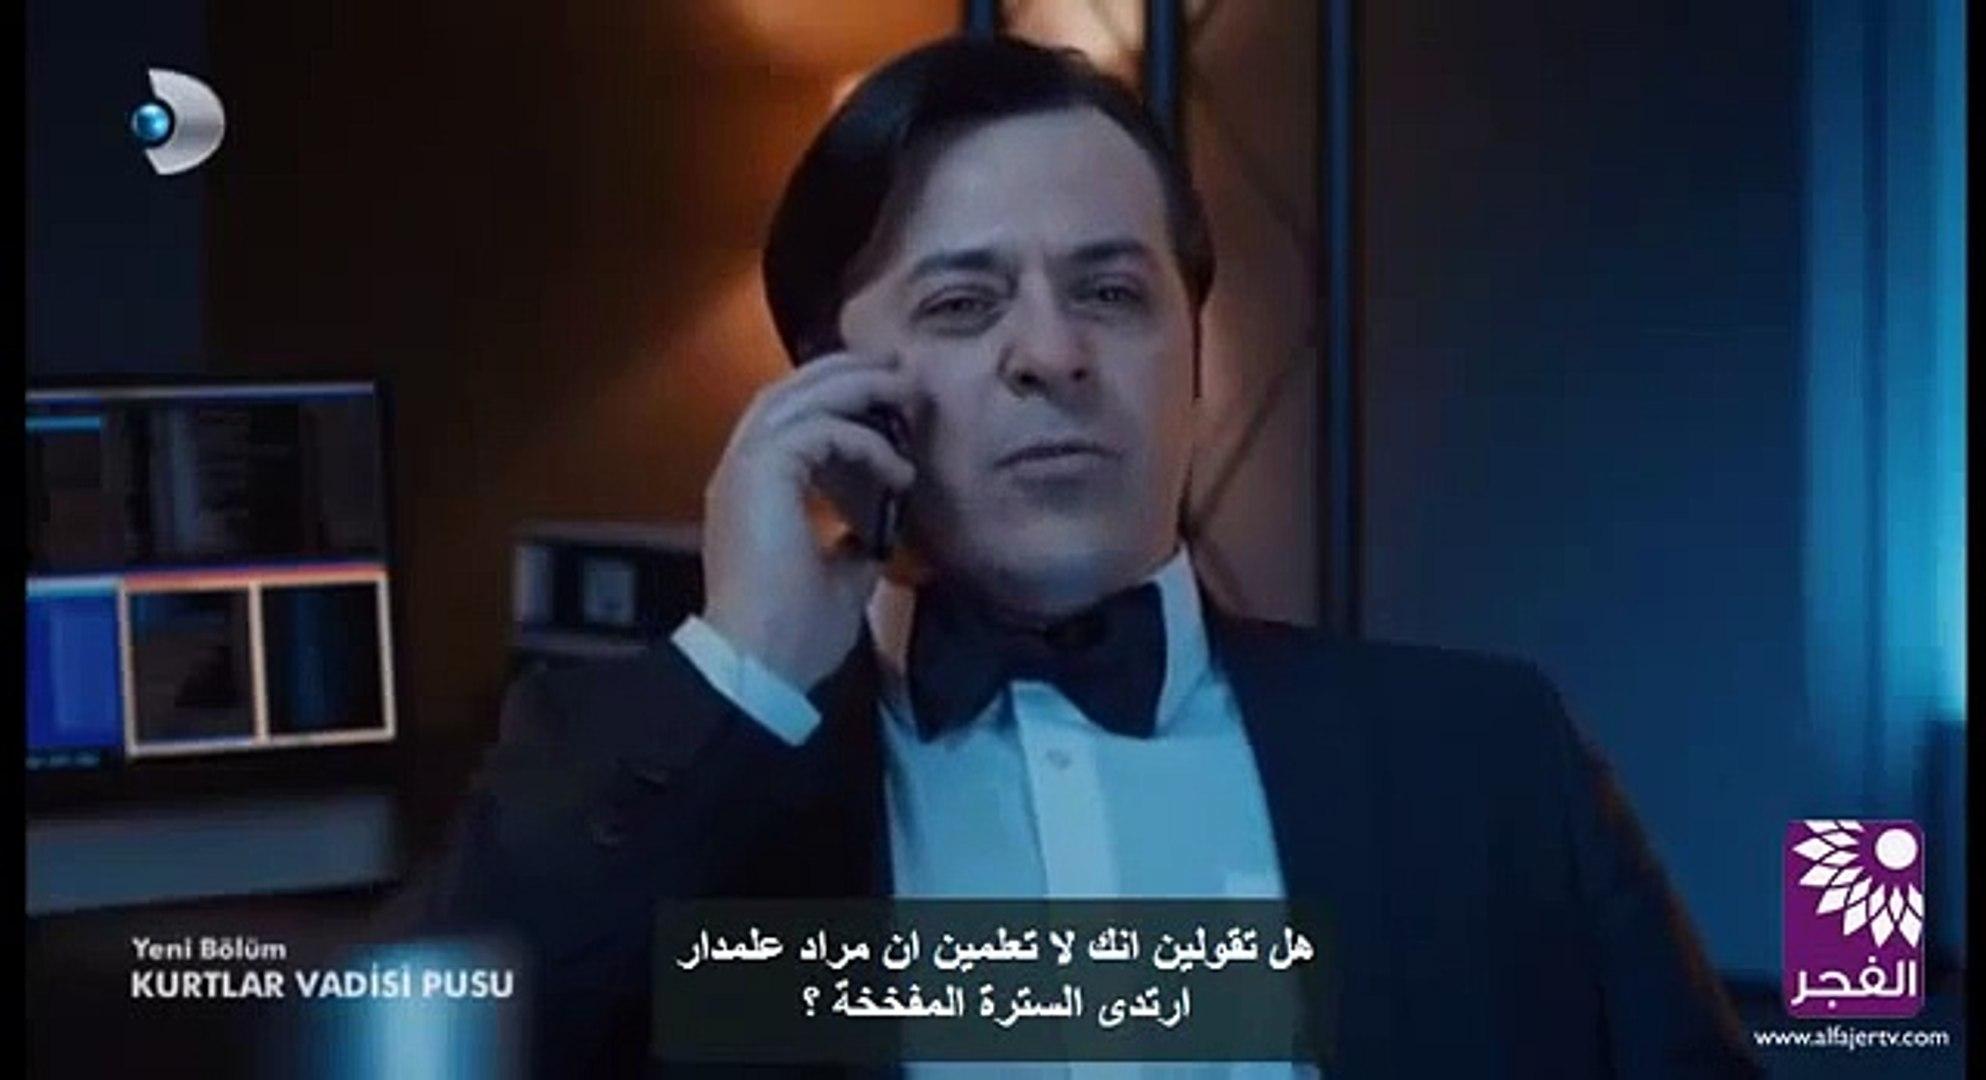 وادي الذئاب الجزء العاشر الحلقة 35 القسم 2 مترجم للعربيه - Vidéo Dailymotion